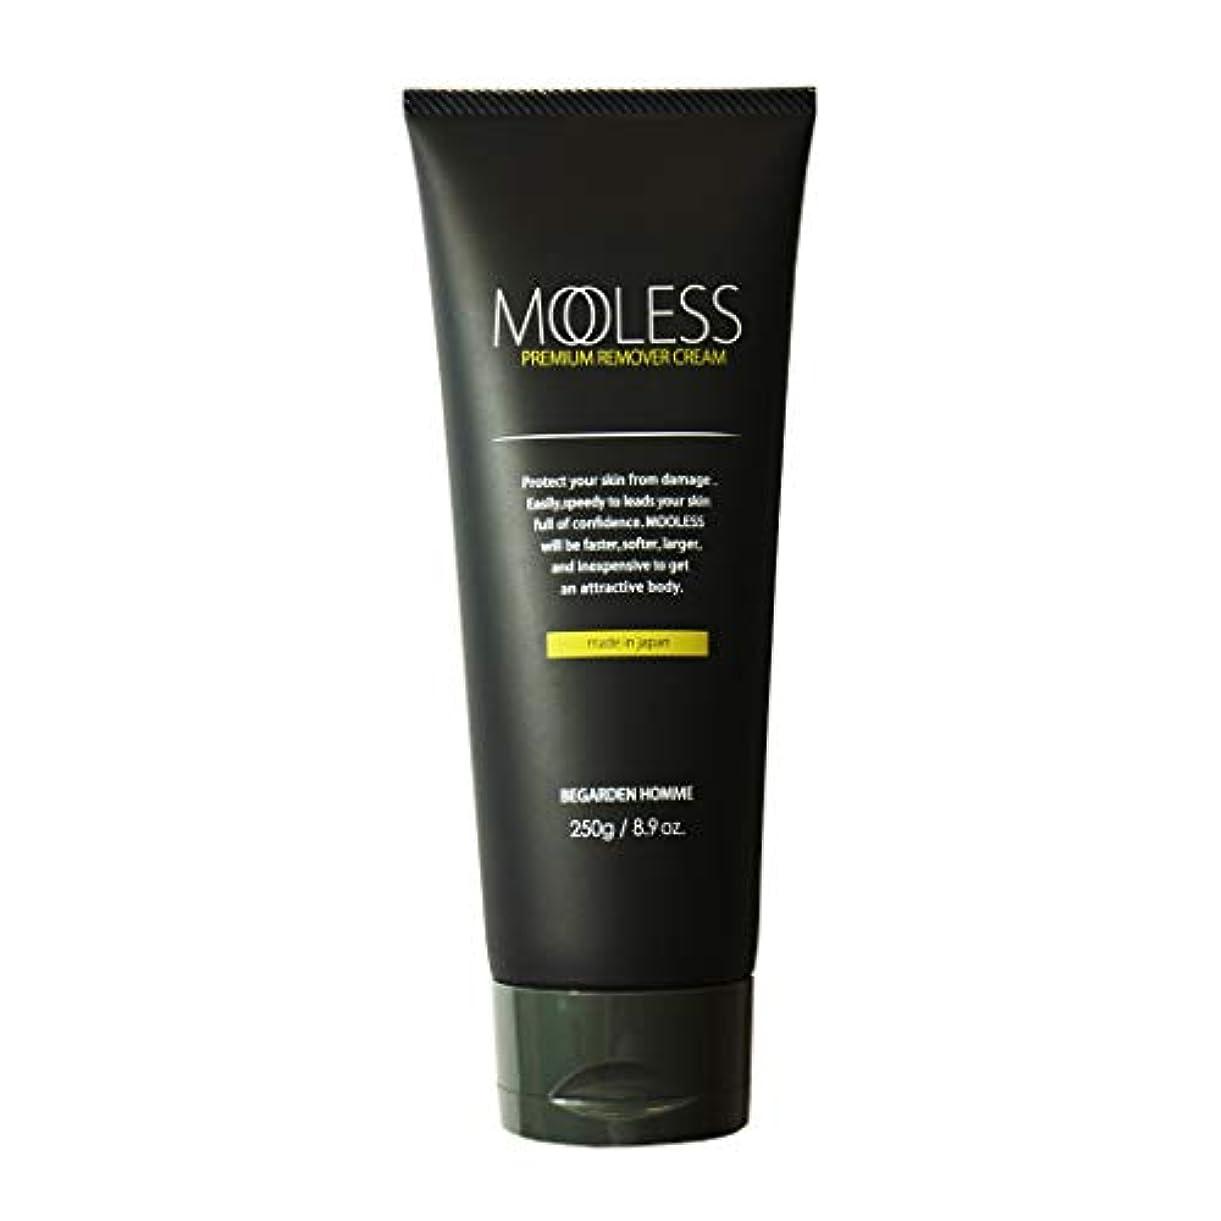 詳細に気づく火星MOOLESS 除毛クリーム 250g 医薬部外品